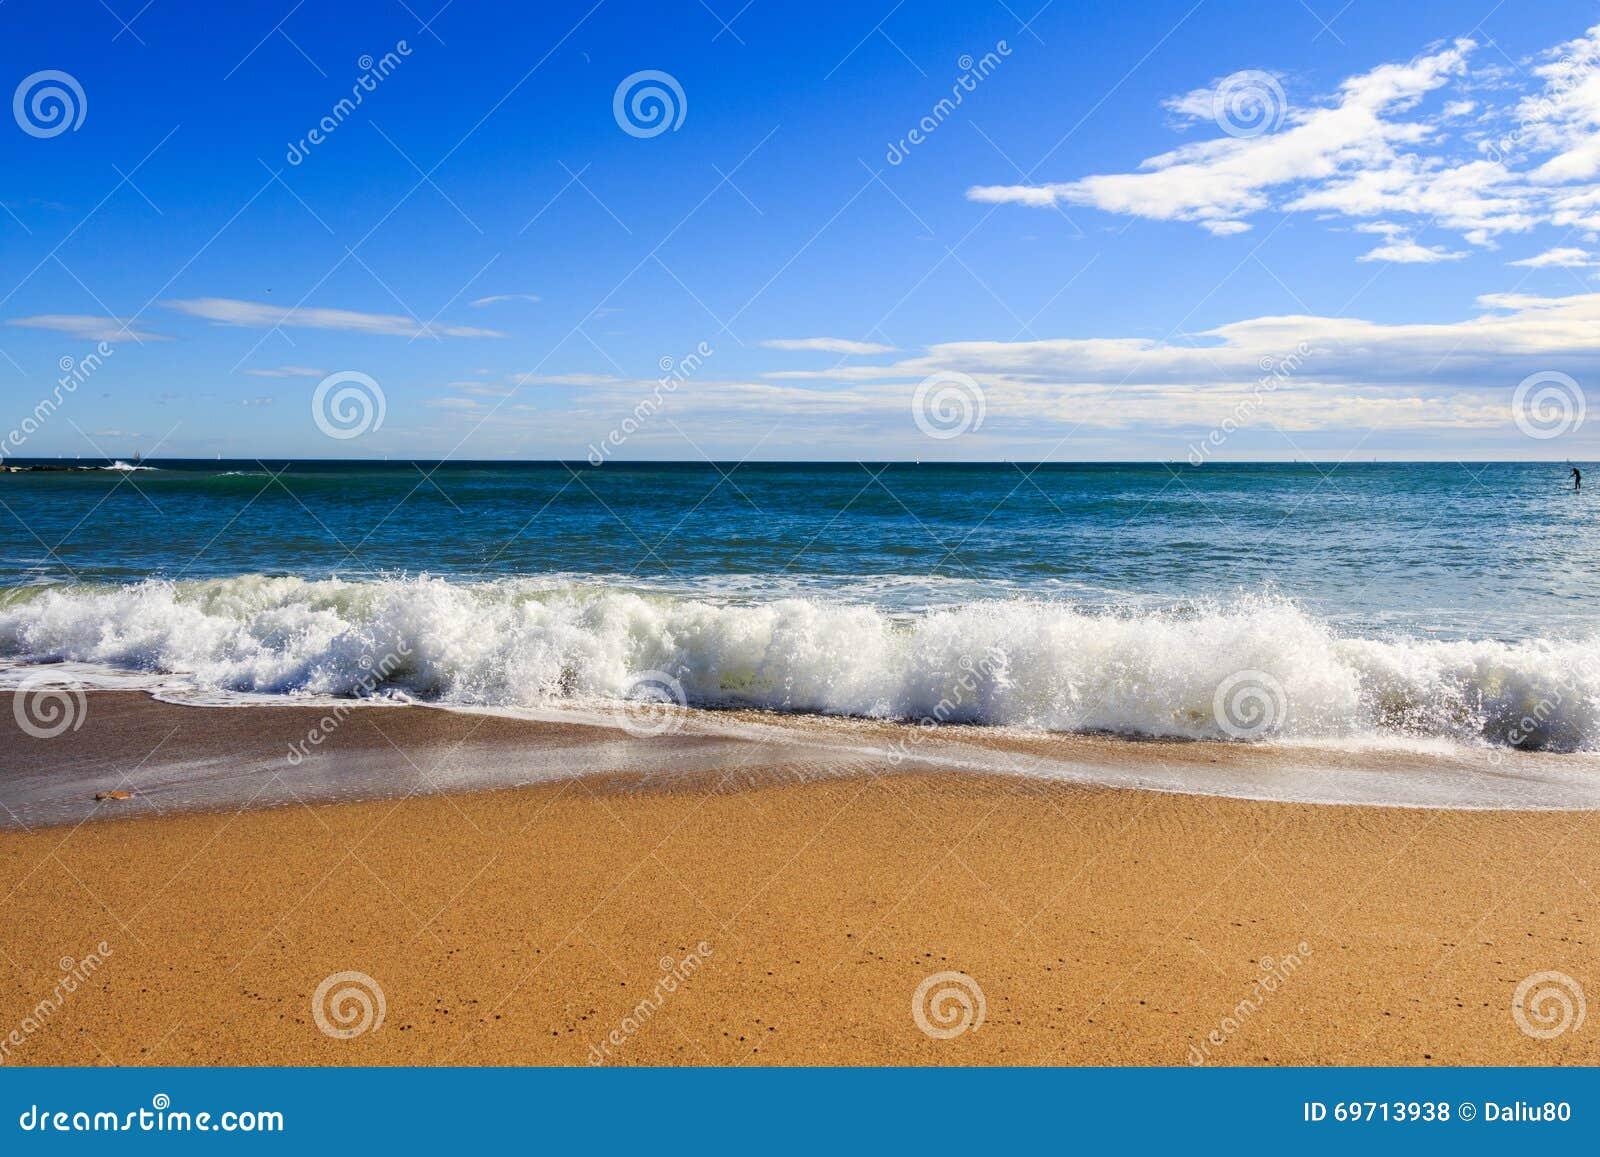 海海滩蓝天沙子太阳白天放松设计明信片和日历的风景观点